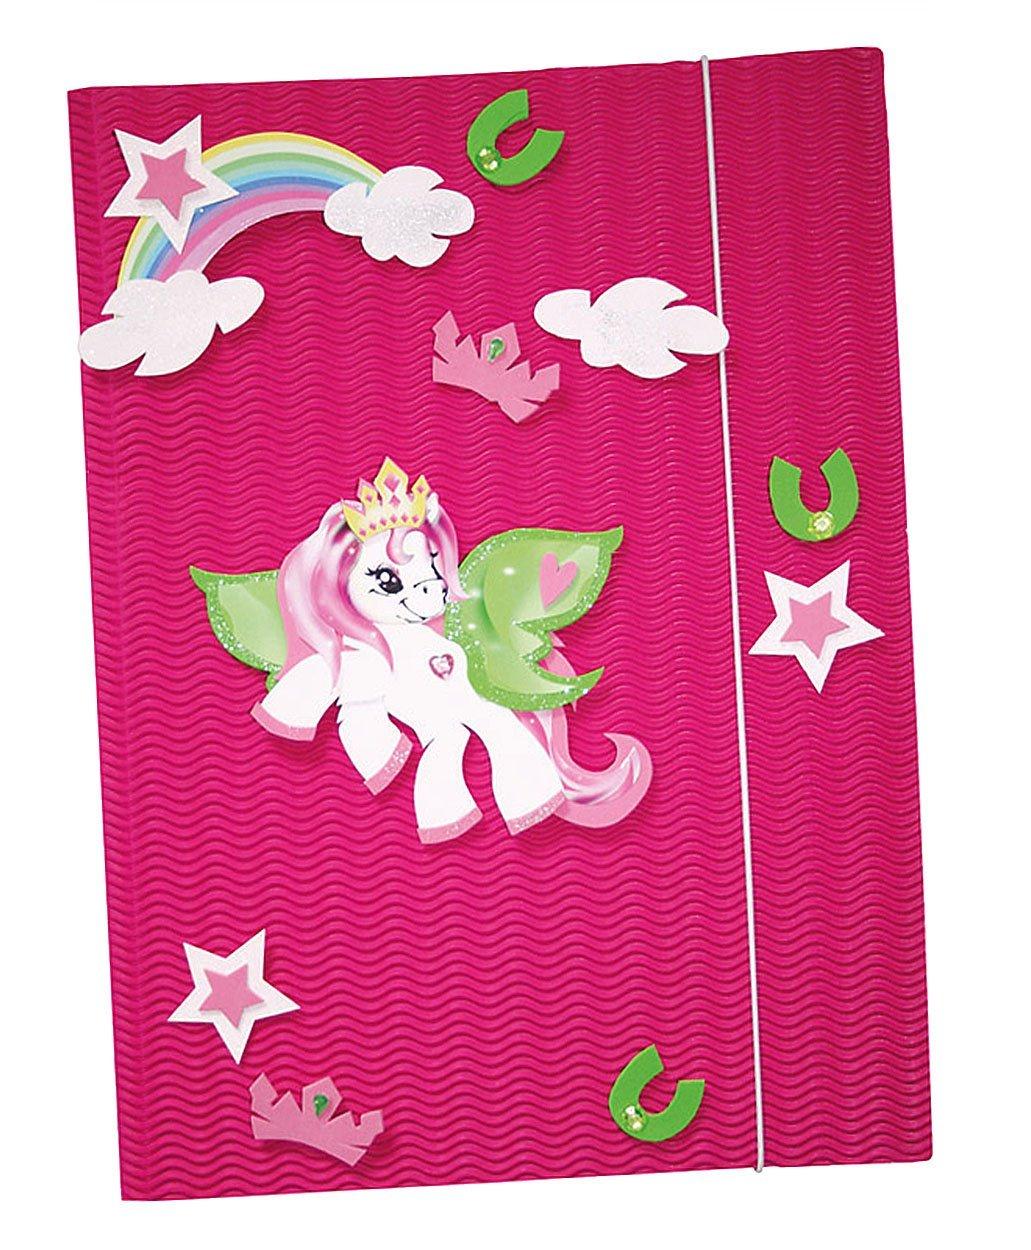 Unbekannt Bastelset 3-D Gummizugmappe A3 Mappe - Pony Pferd Regenbogen - z.B. für Zeichnungen Zeugnisse Malmappe Zeichenmappe Kinder Mädchen Stern Kinder-Land